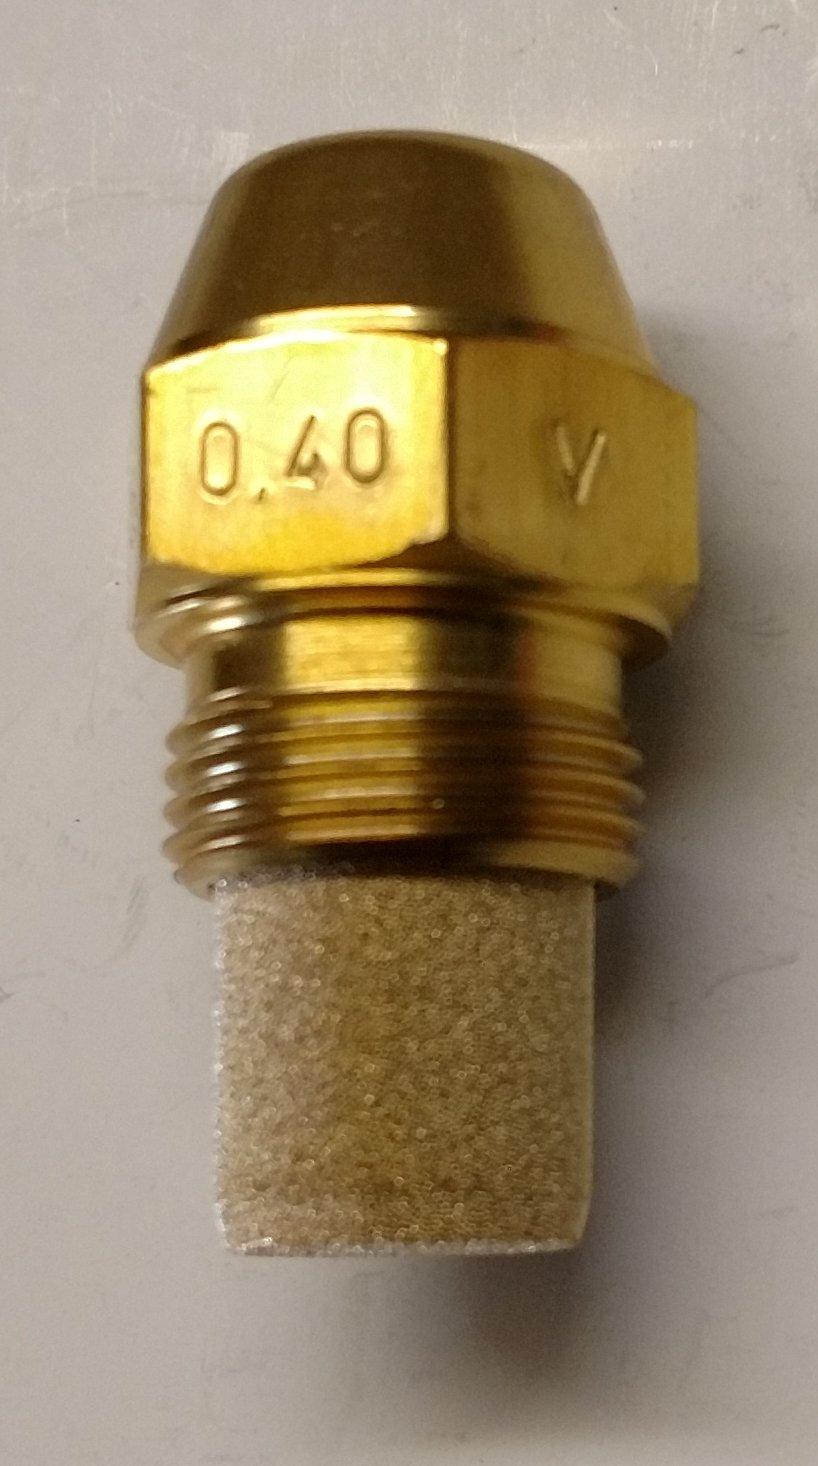 Kennzeichnung V Danfoss /Ölbrennerd/üse f/ür Vitoplus VP3 0,40 USgal//h 80H